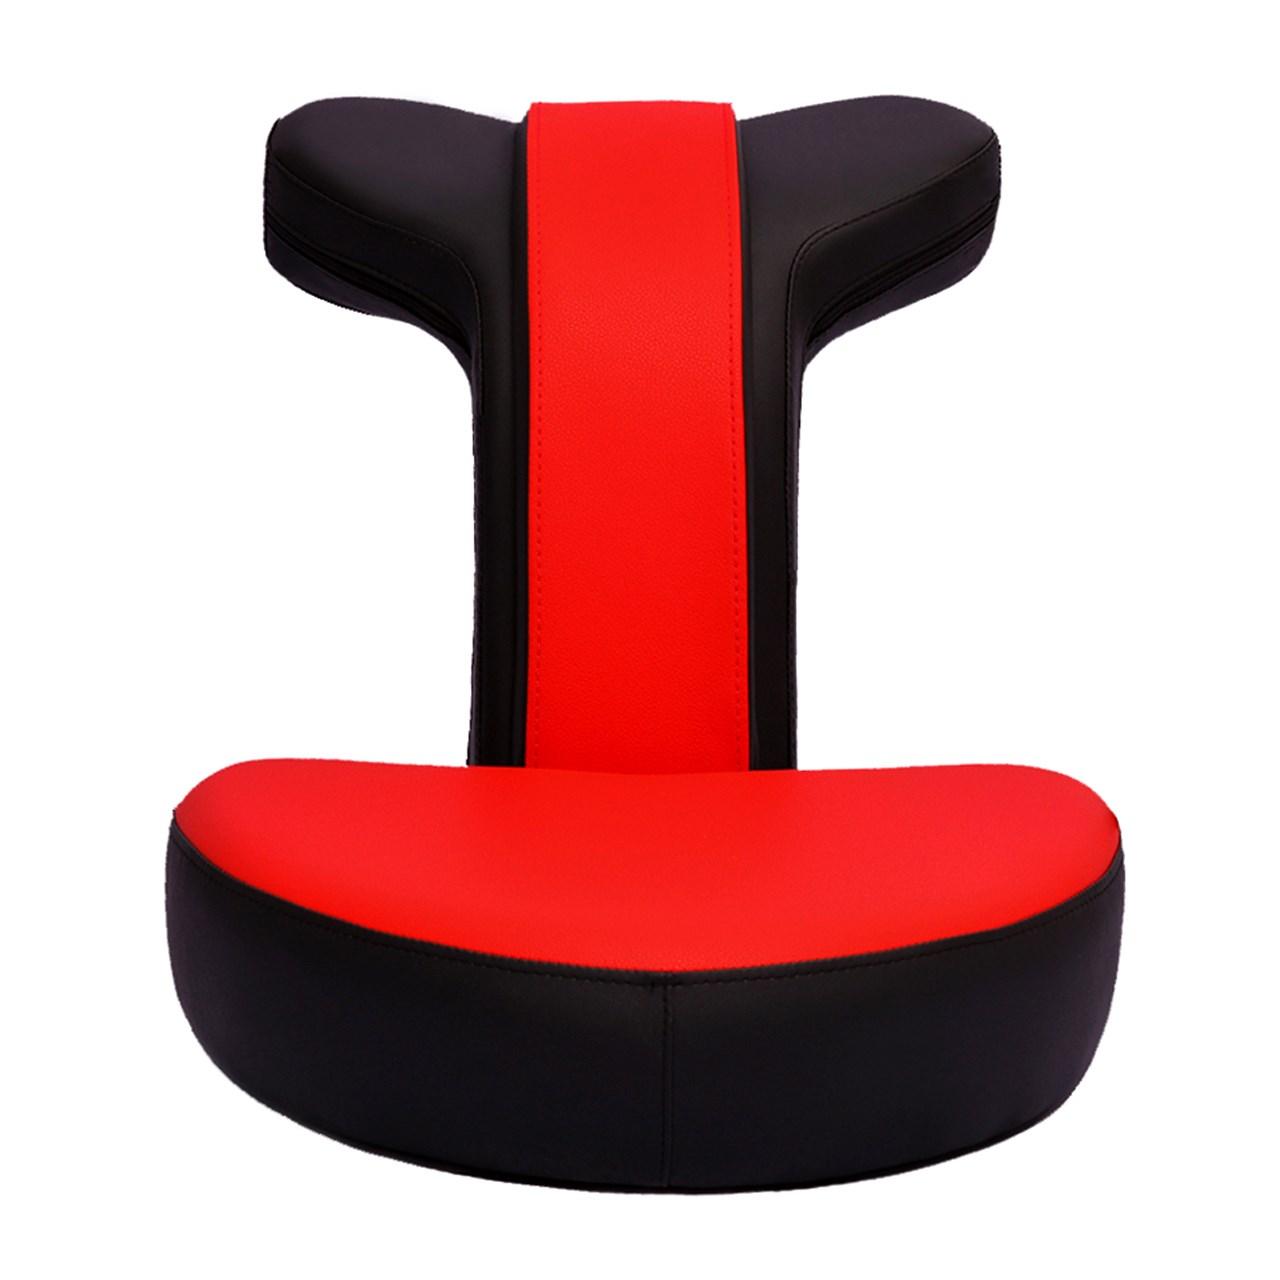 صندلی گیمینگ رادسیستم مدل قرمز G010 چرمی